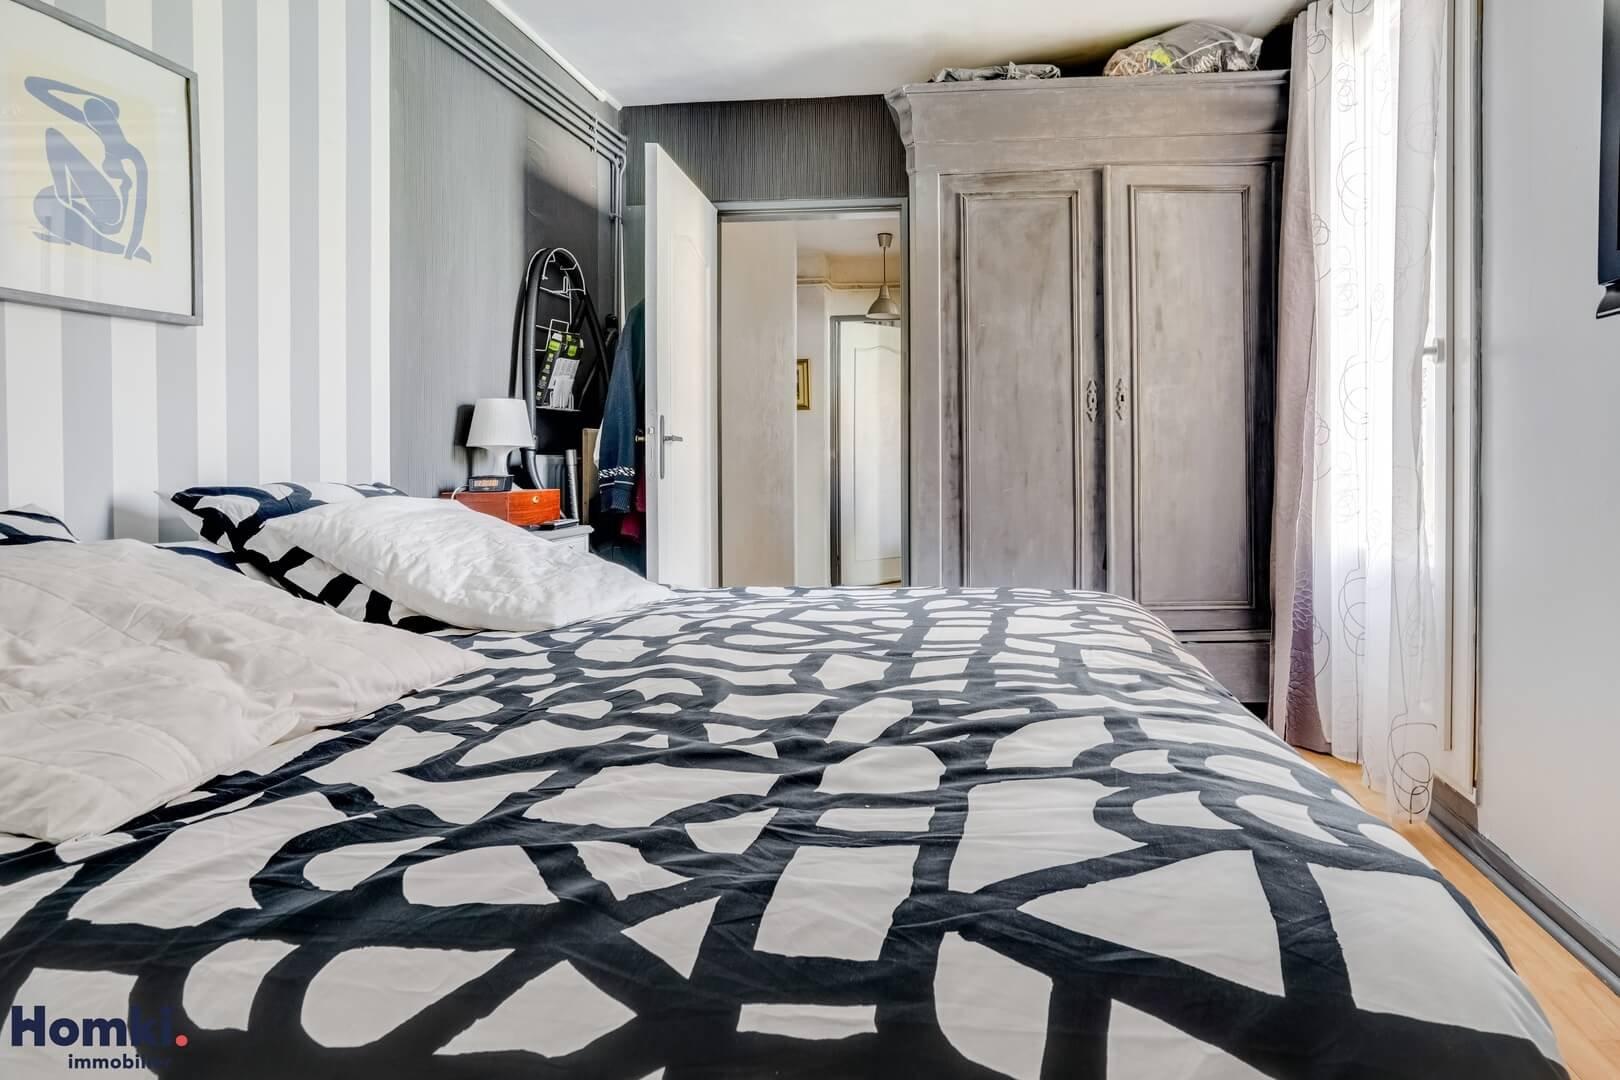 Homki - Vente appartement  de 100.0 m² à marignane 13700